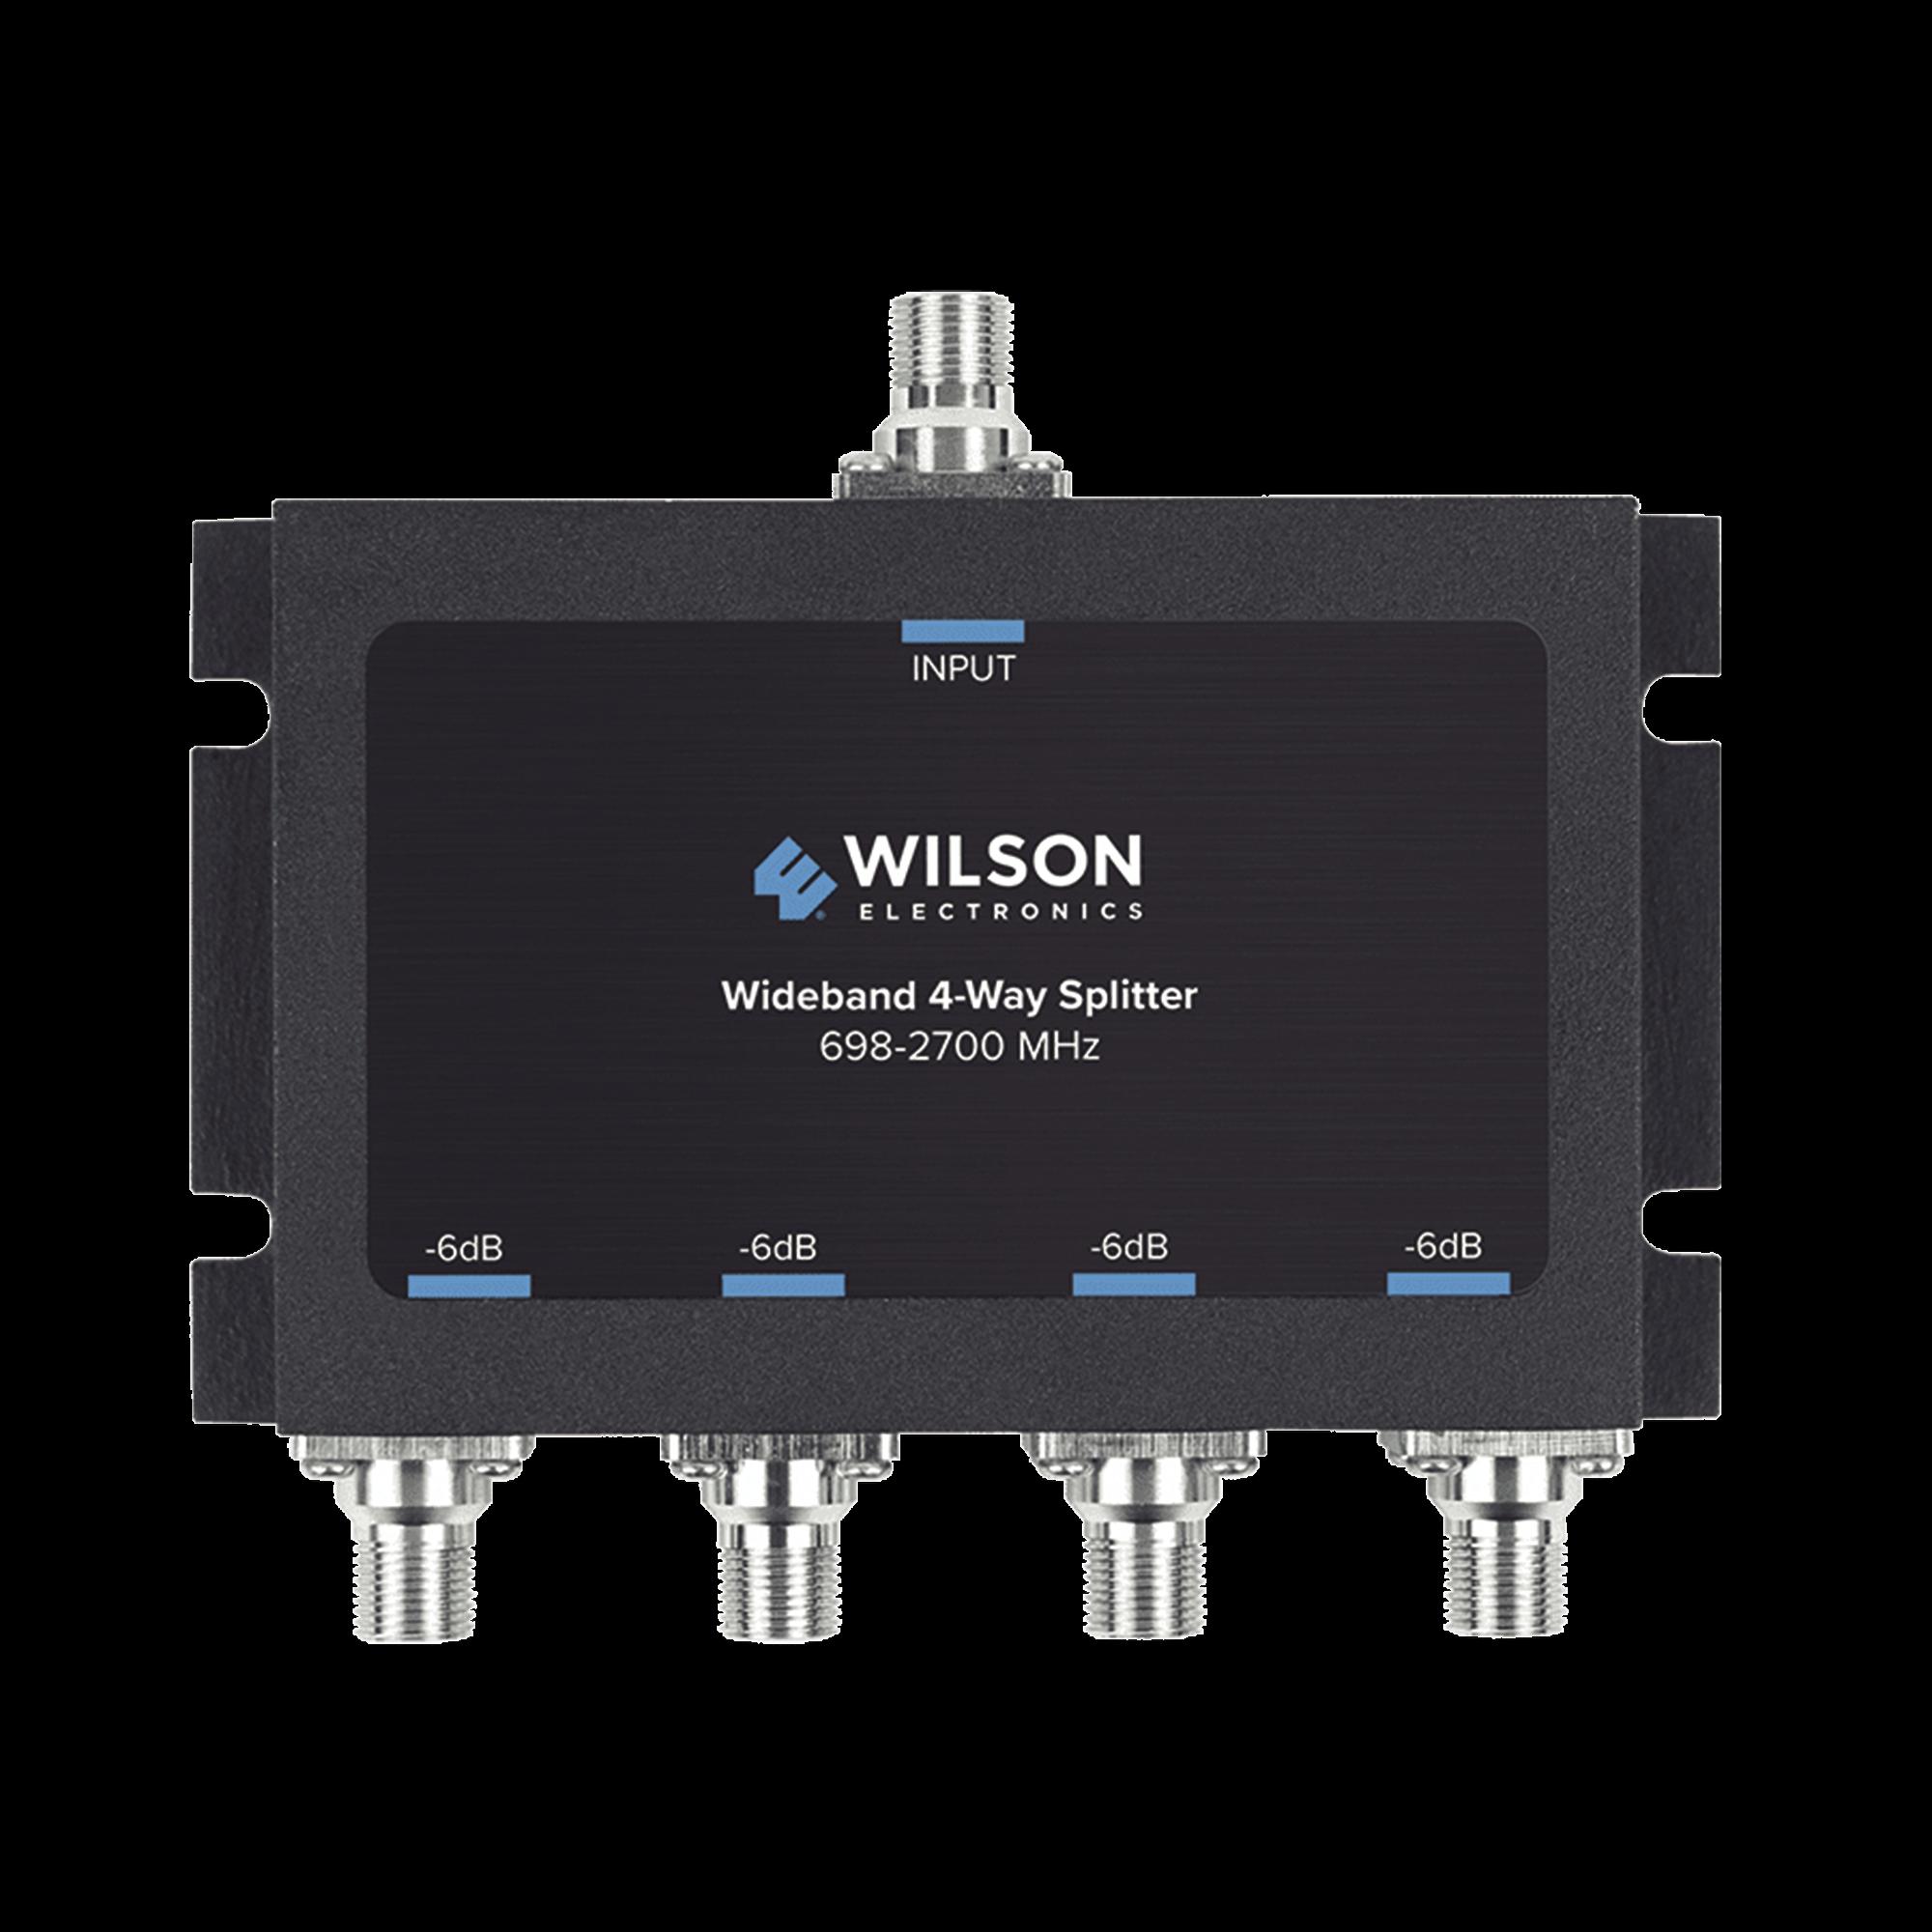 Divisor de potencia de 4 vías para la distribución de señal a dos antenas de servicio | 6 dB de pérdida por puerto | Conectores F hembra